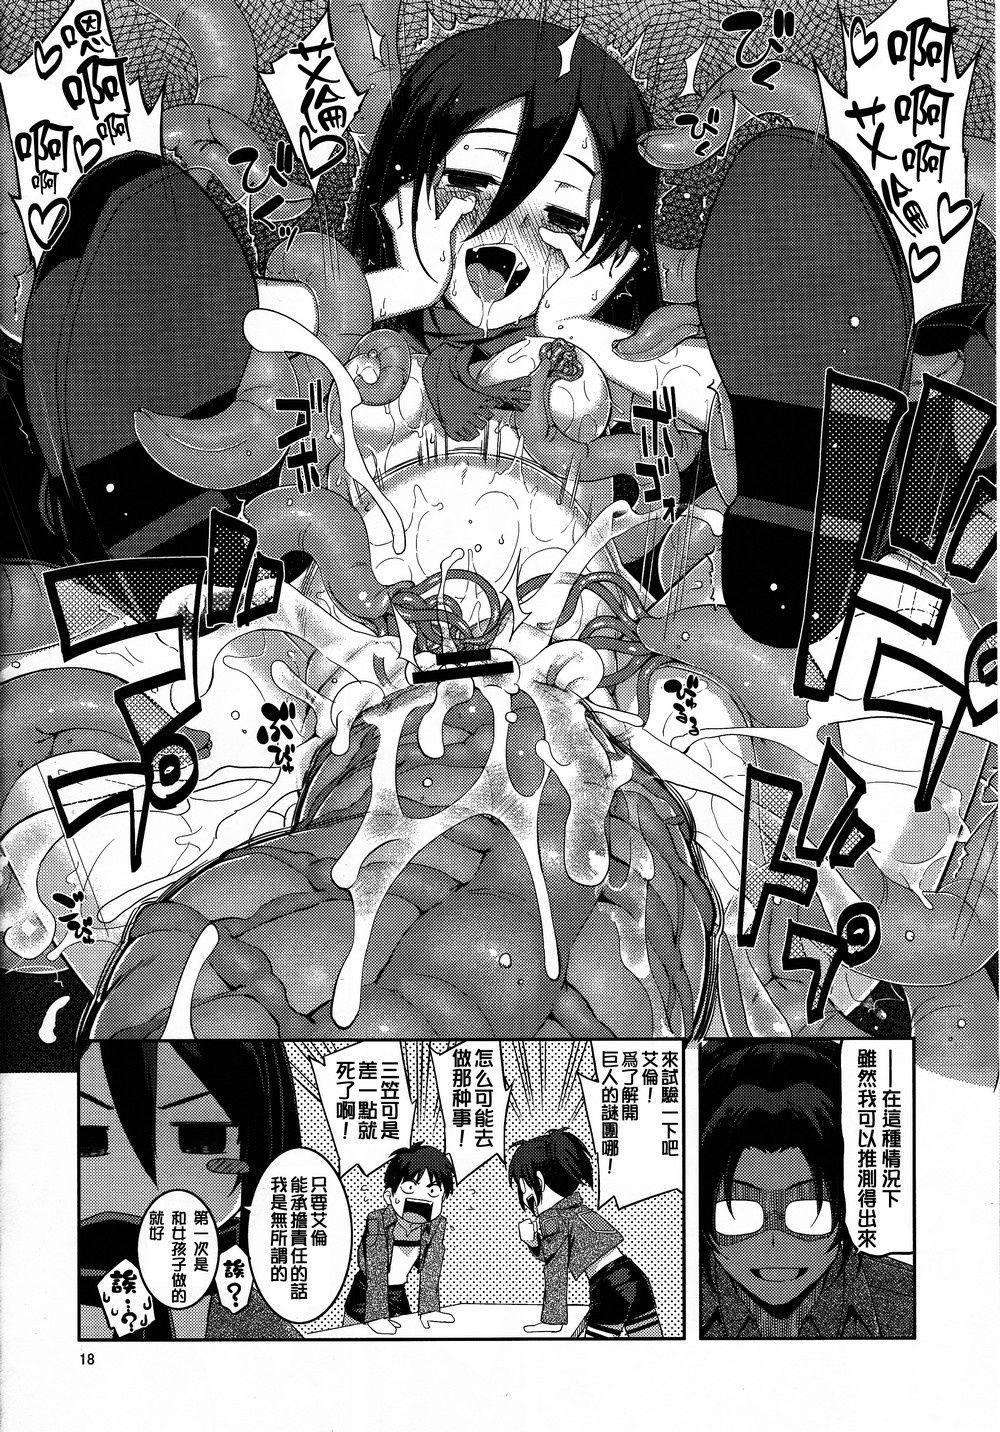 Sekai no shinditsu hentai manga picture 15